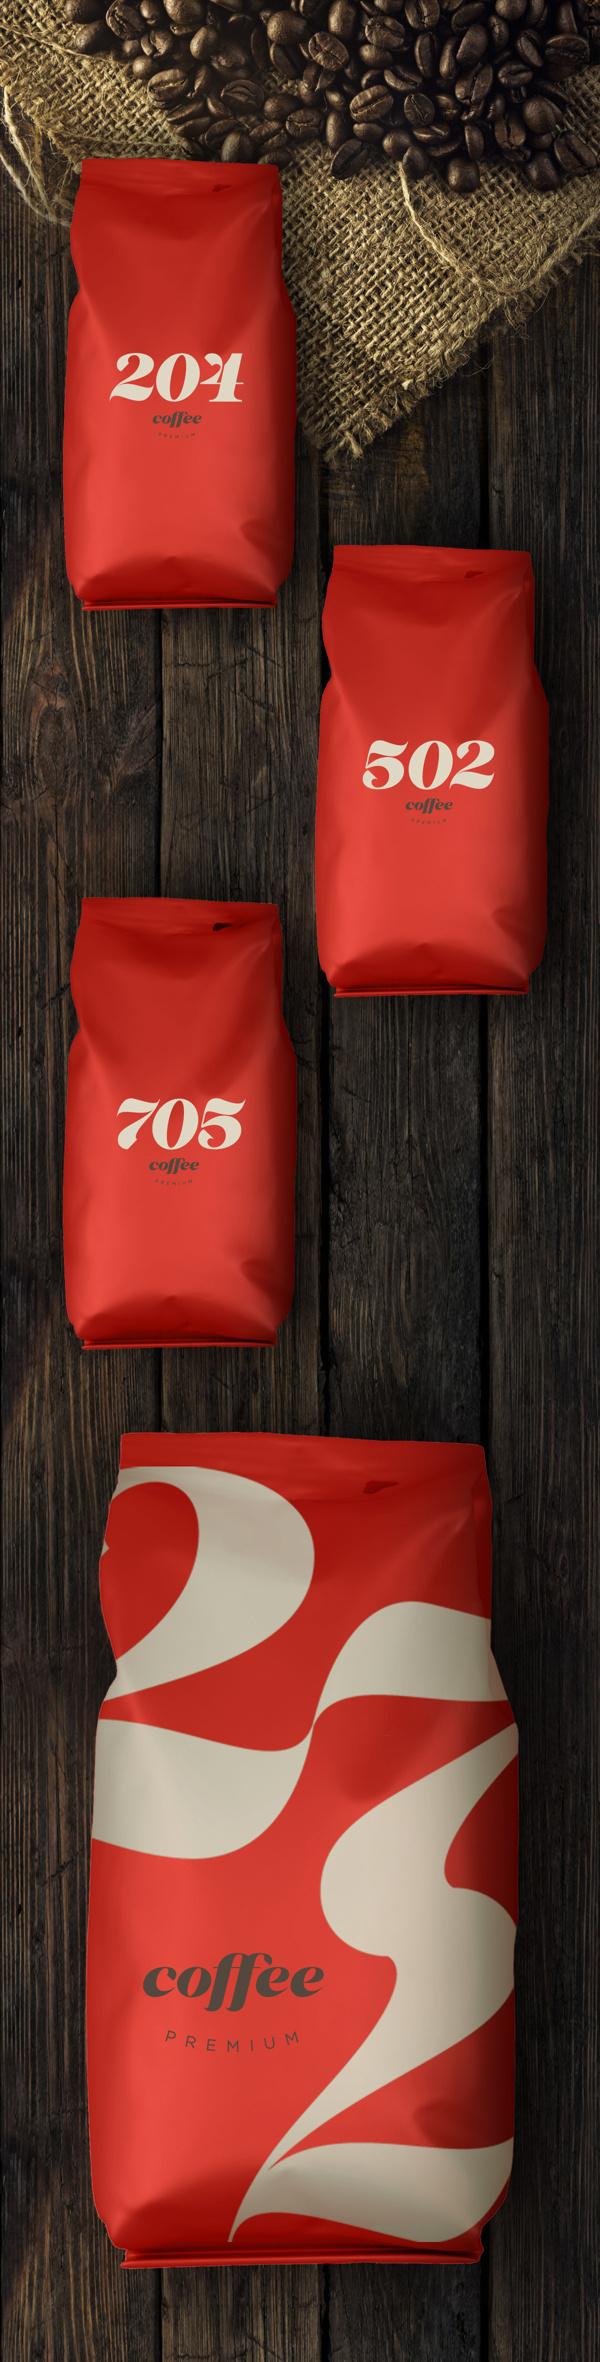 Type & Coffee Packaging #packaging #coffee